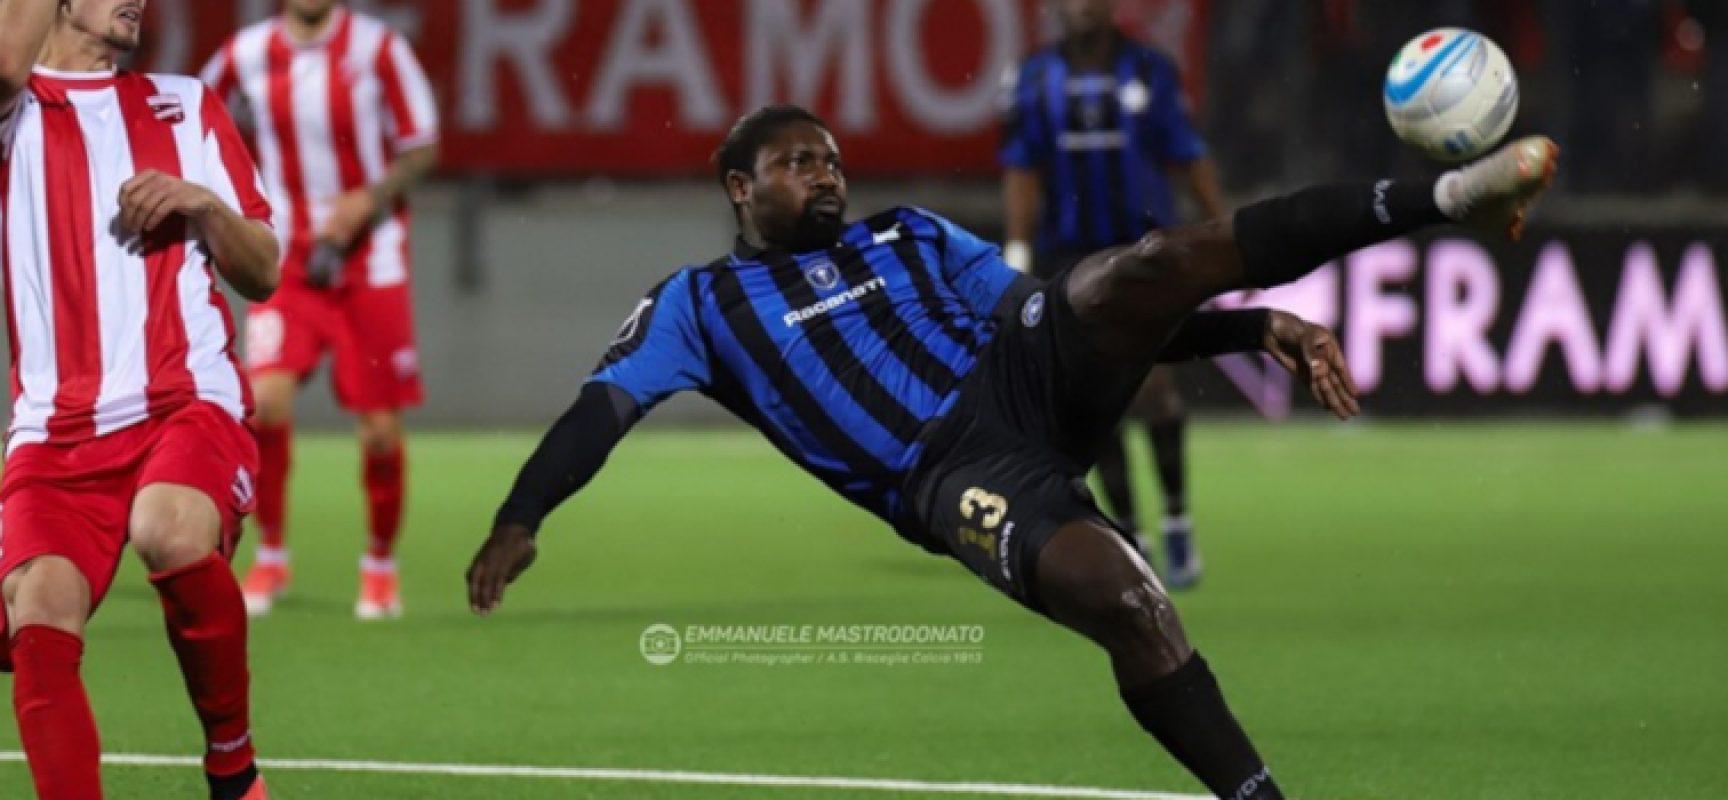 Bisceglie Calcio sconfitto a Catanzaro nella gara d'esordio del 2020